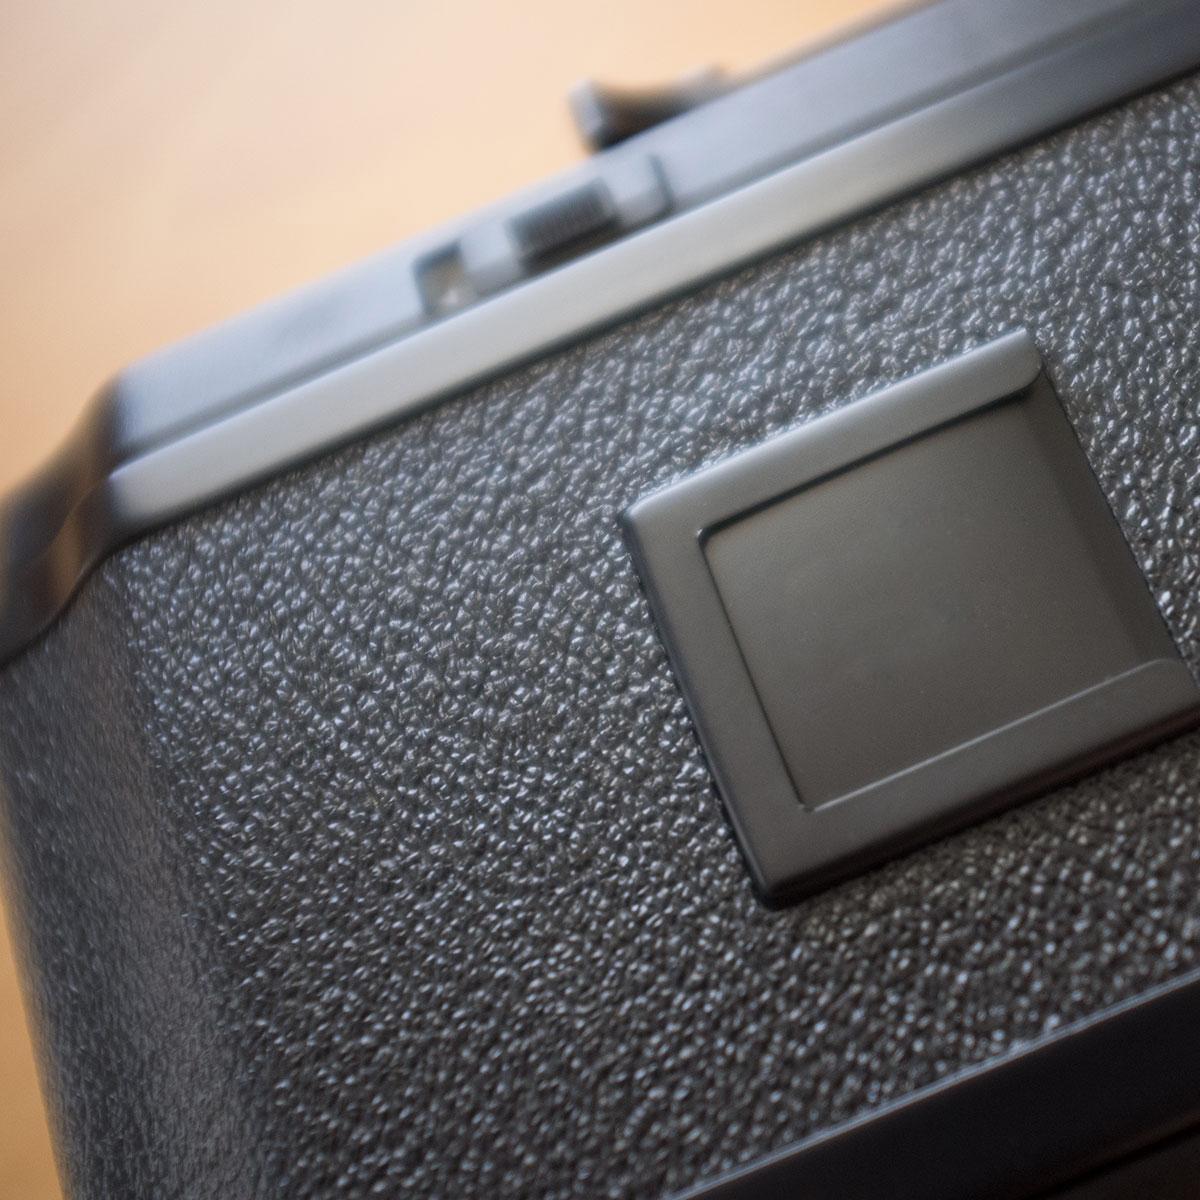 Chambre 4x5: Back Roll Film 6X9 / 4X5